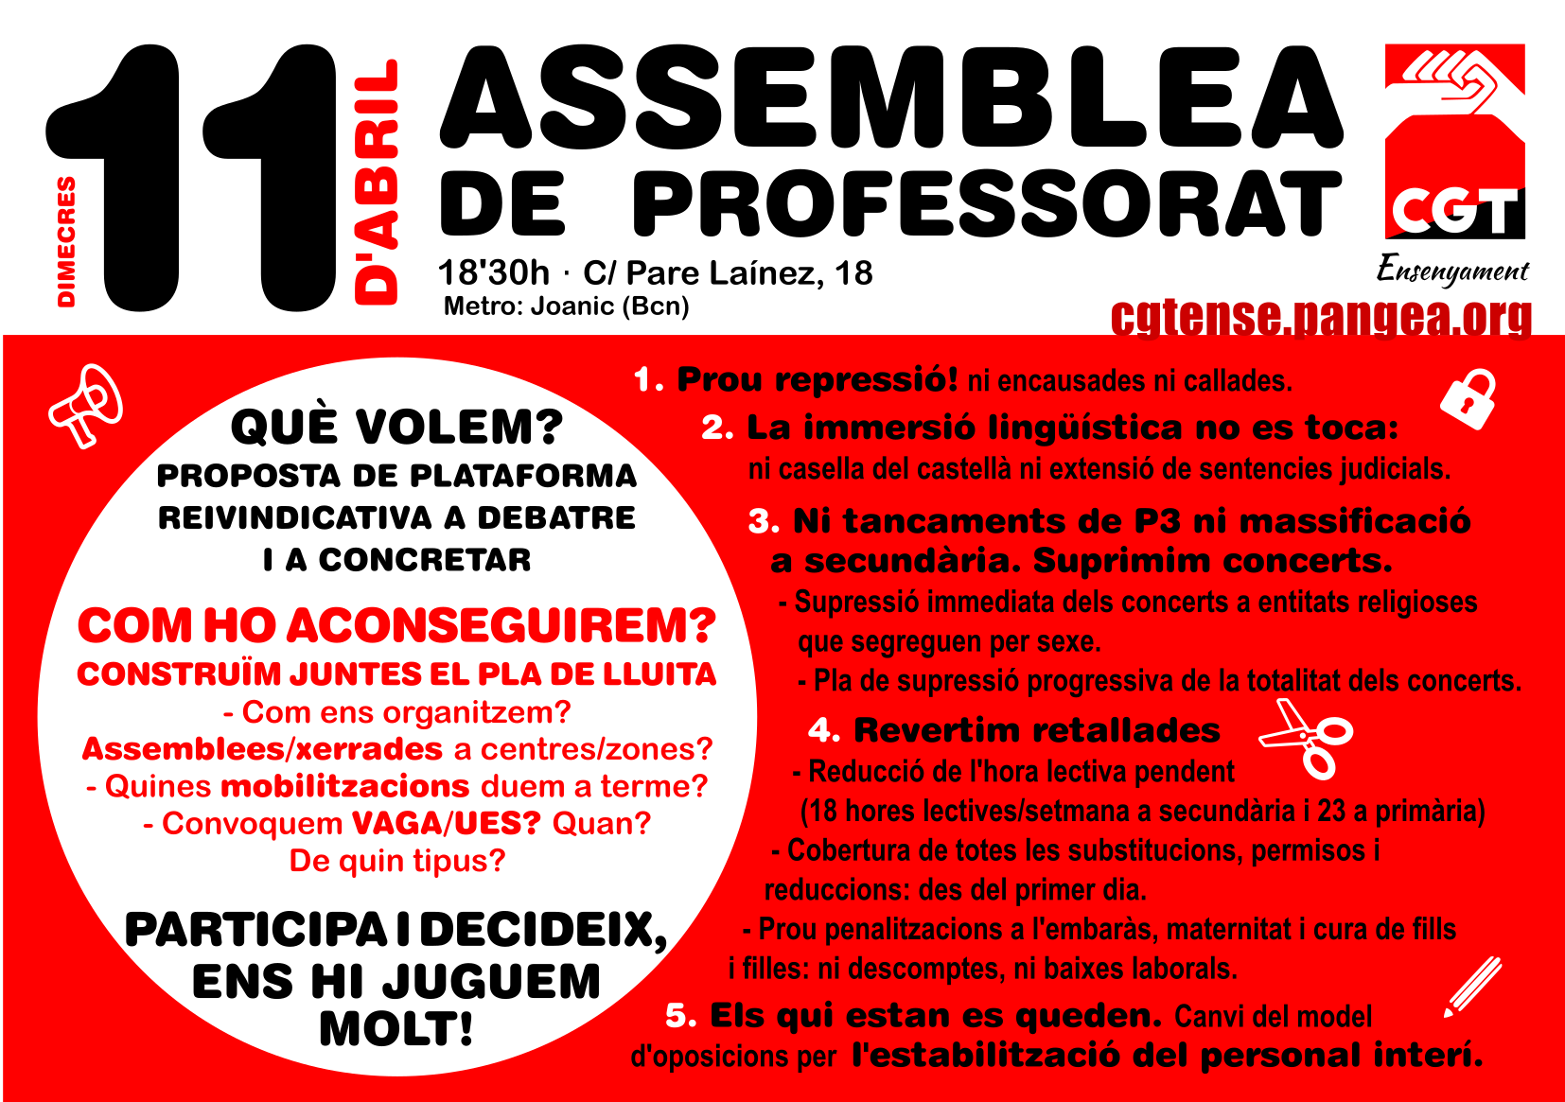 assemblea11a.png